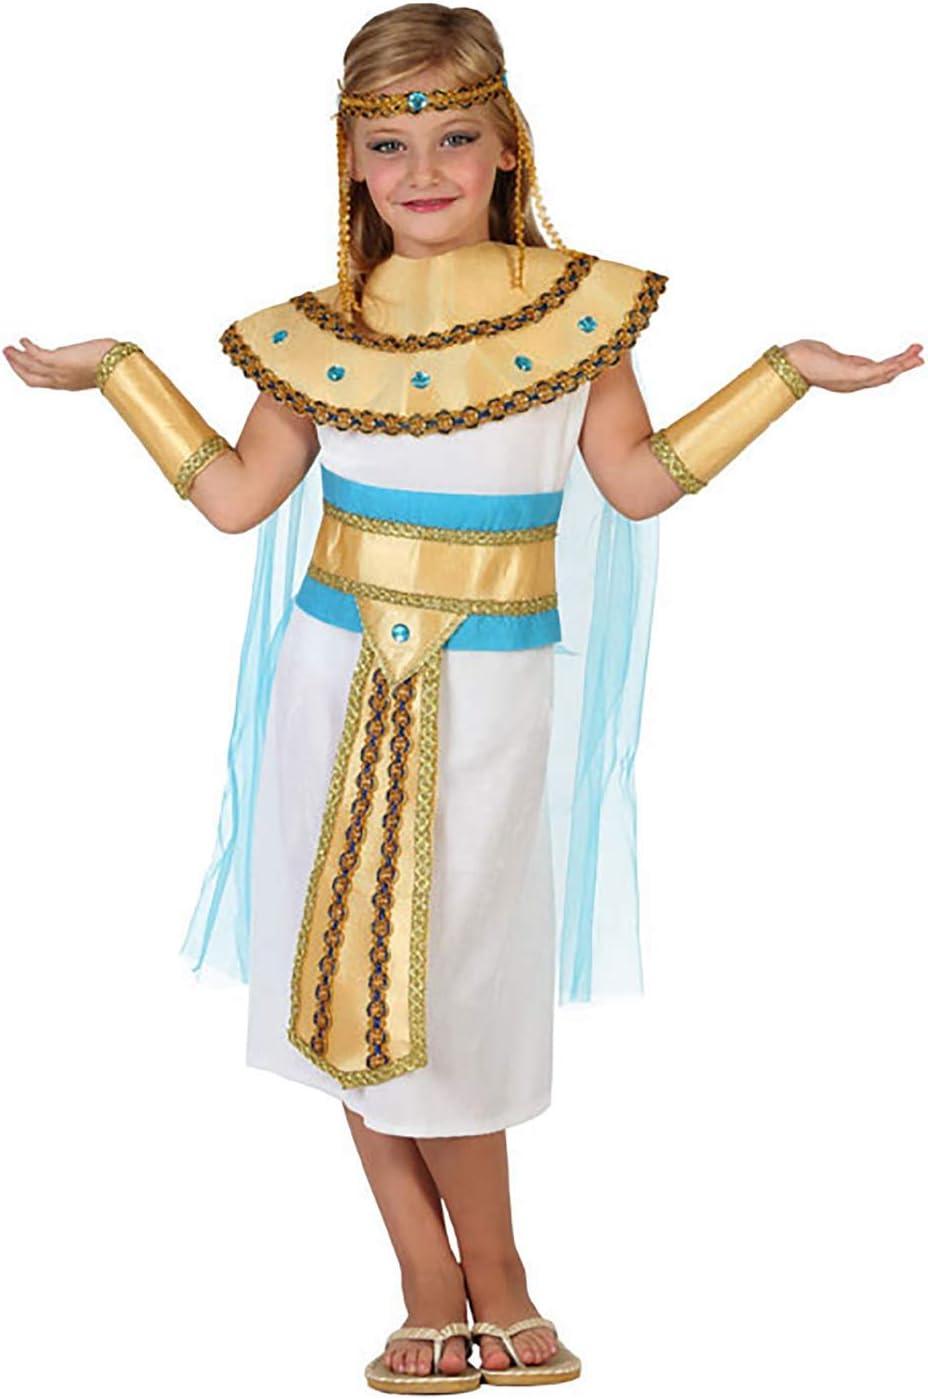 Atosa-23310 Disfraz Egipcia, color dorado, 5 a 6 años (23310 ...